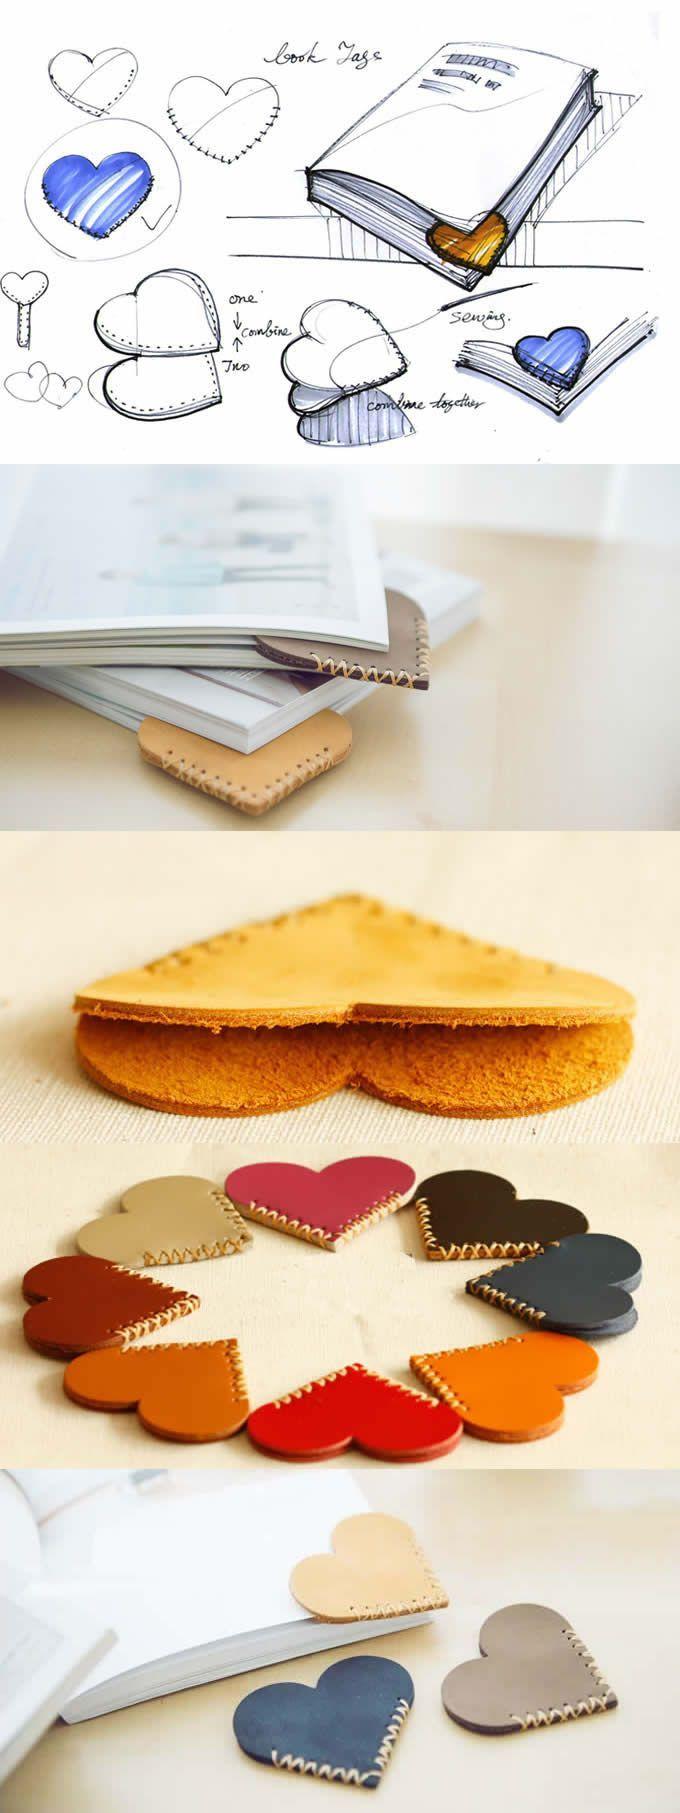 Un maque-page cœur pour offrir à la personne qu'on aime...qui aime la lecture ou qui aime retenir la page de son agenda !